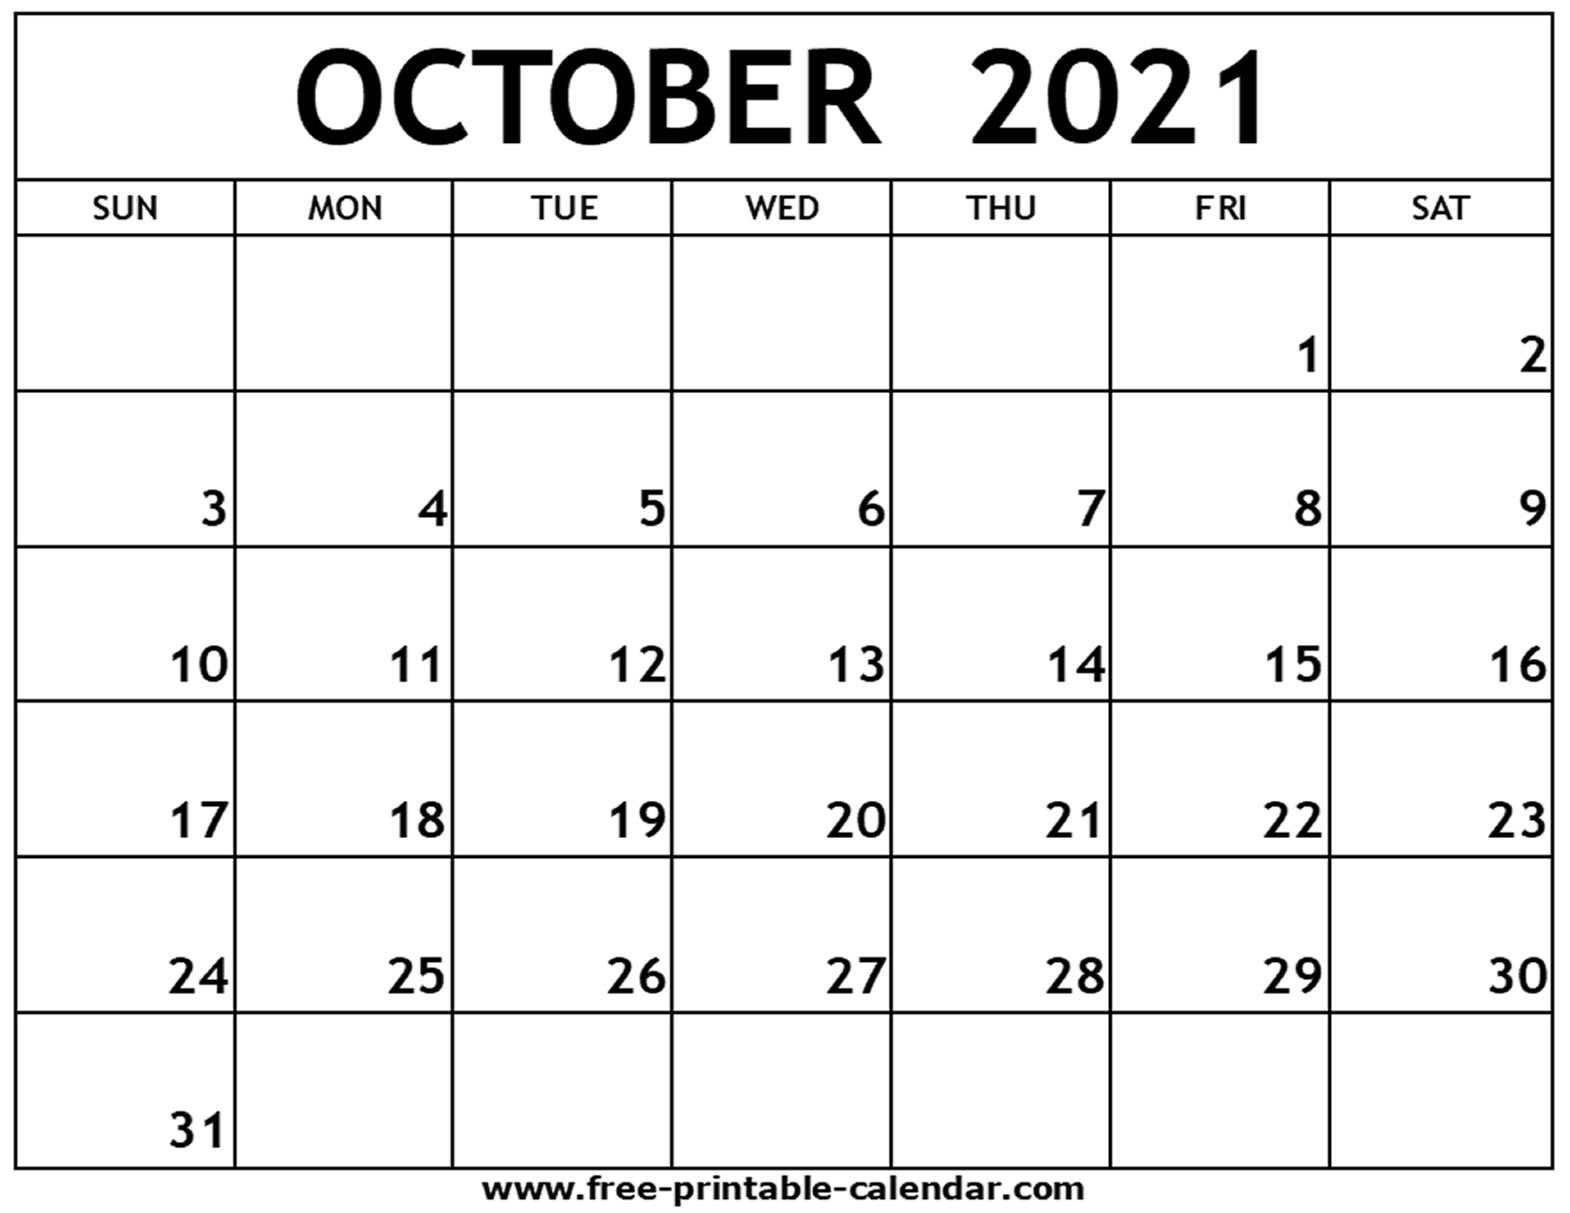 October 2021 Printable Calendar Free Printable Calendar